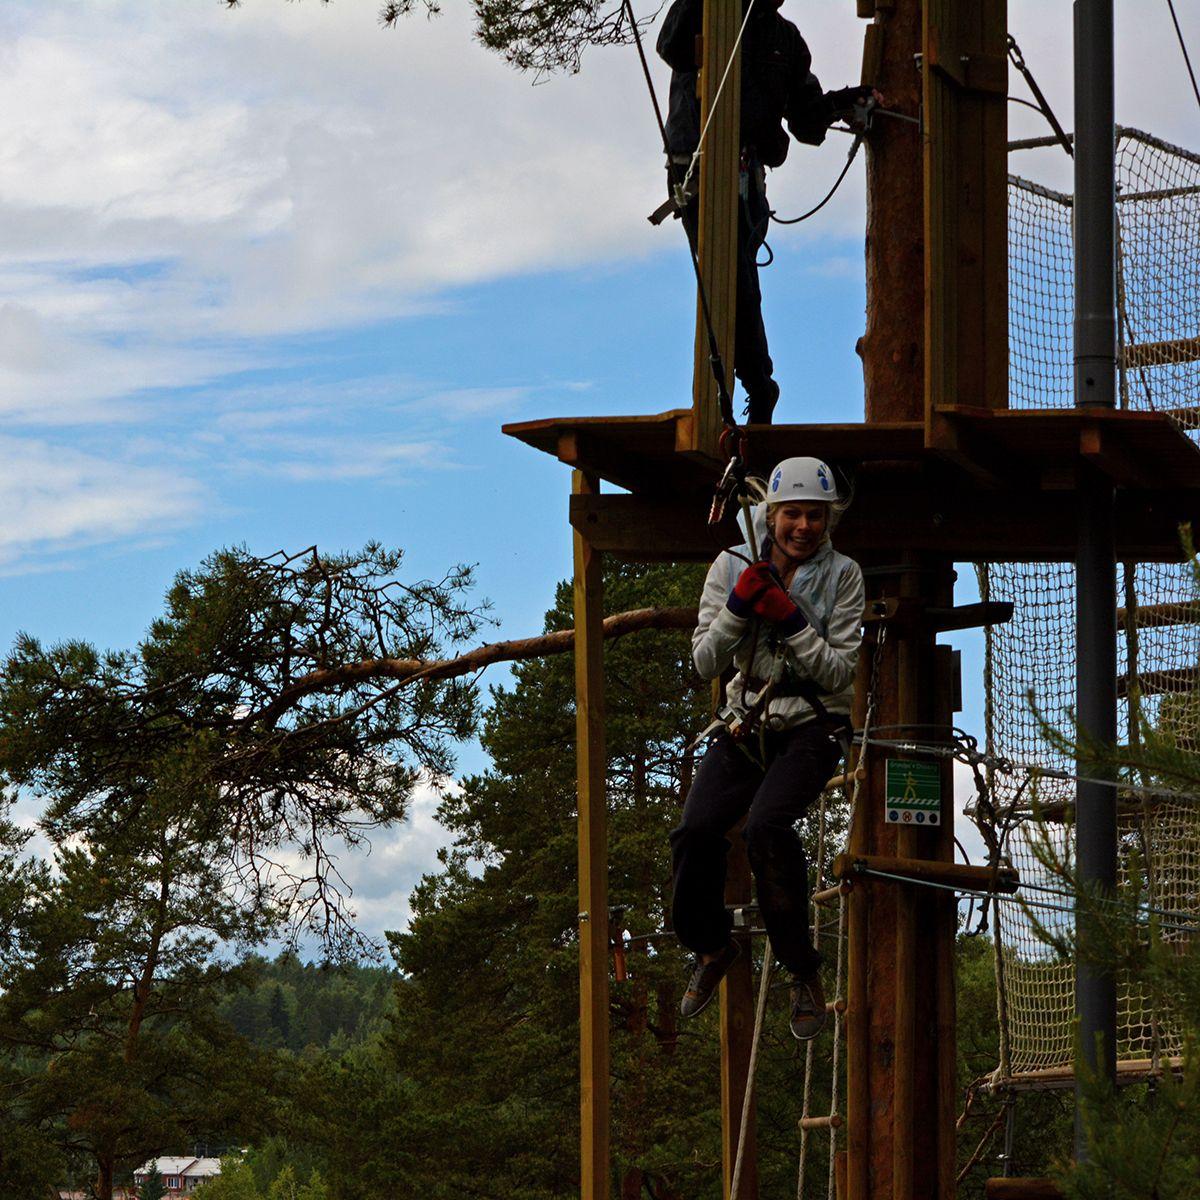 Uskallatko heittäytyä Tazaniksi? Do you dare to take the leap? #tarzanswing #seikkailupuistohuippu